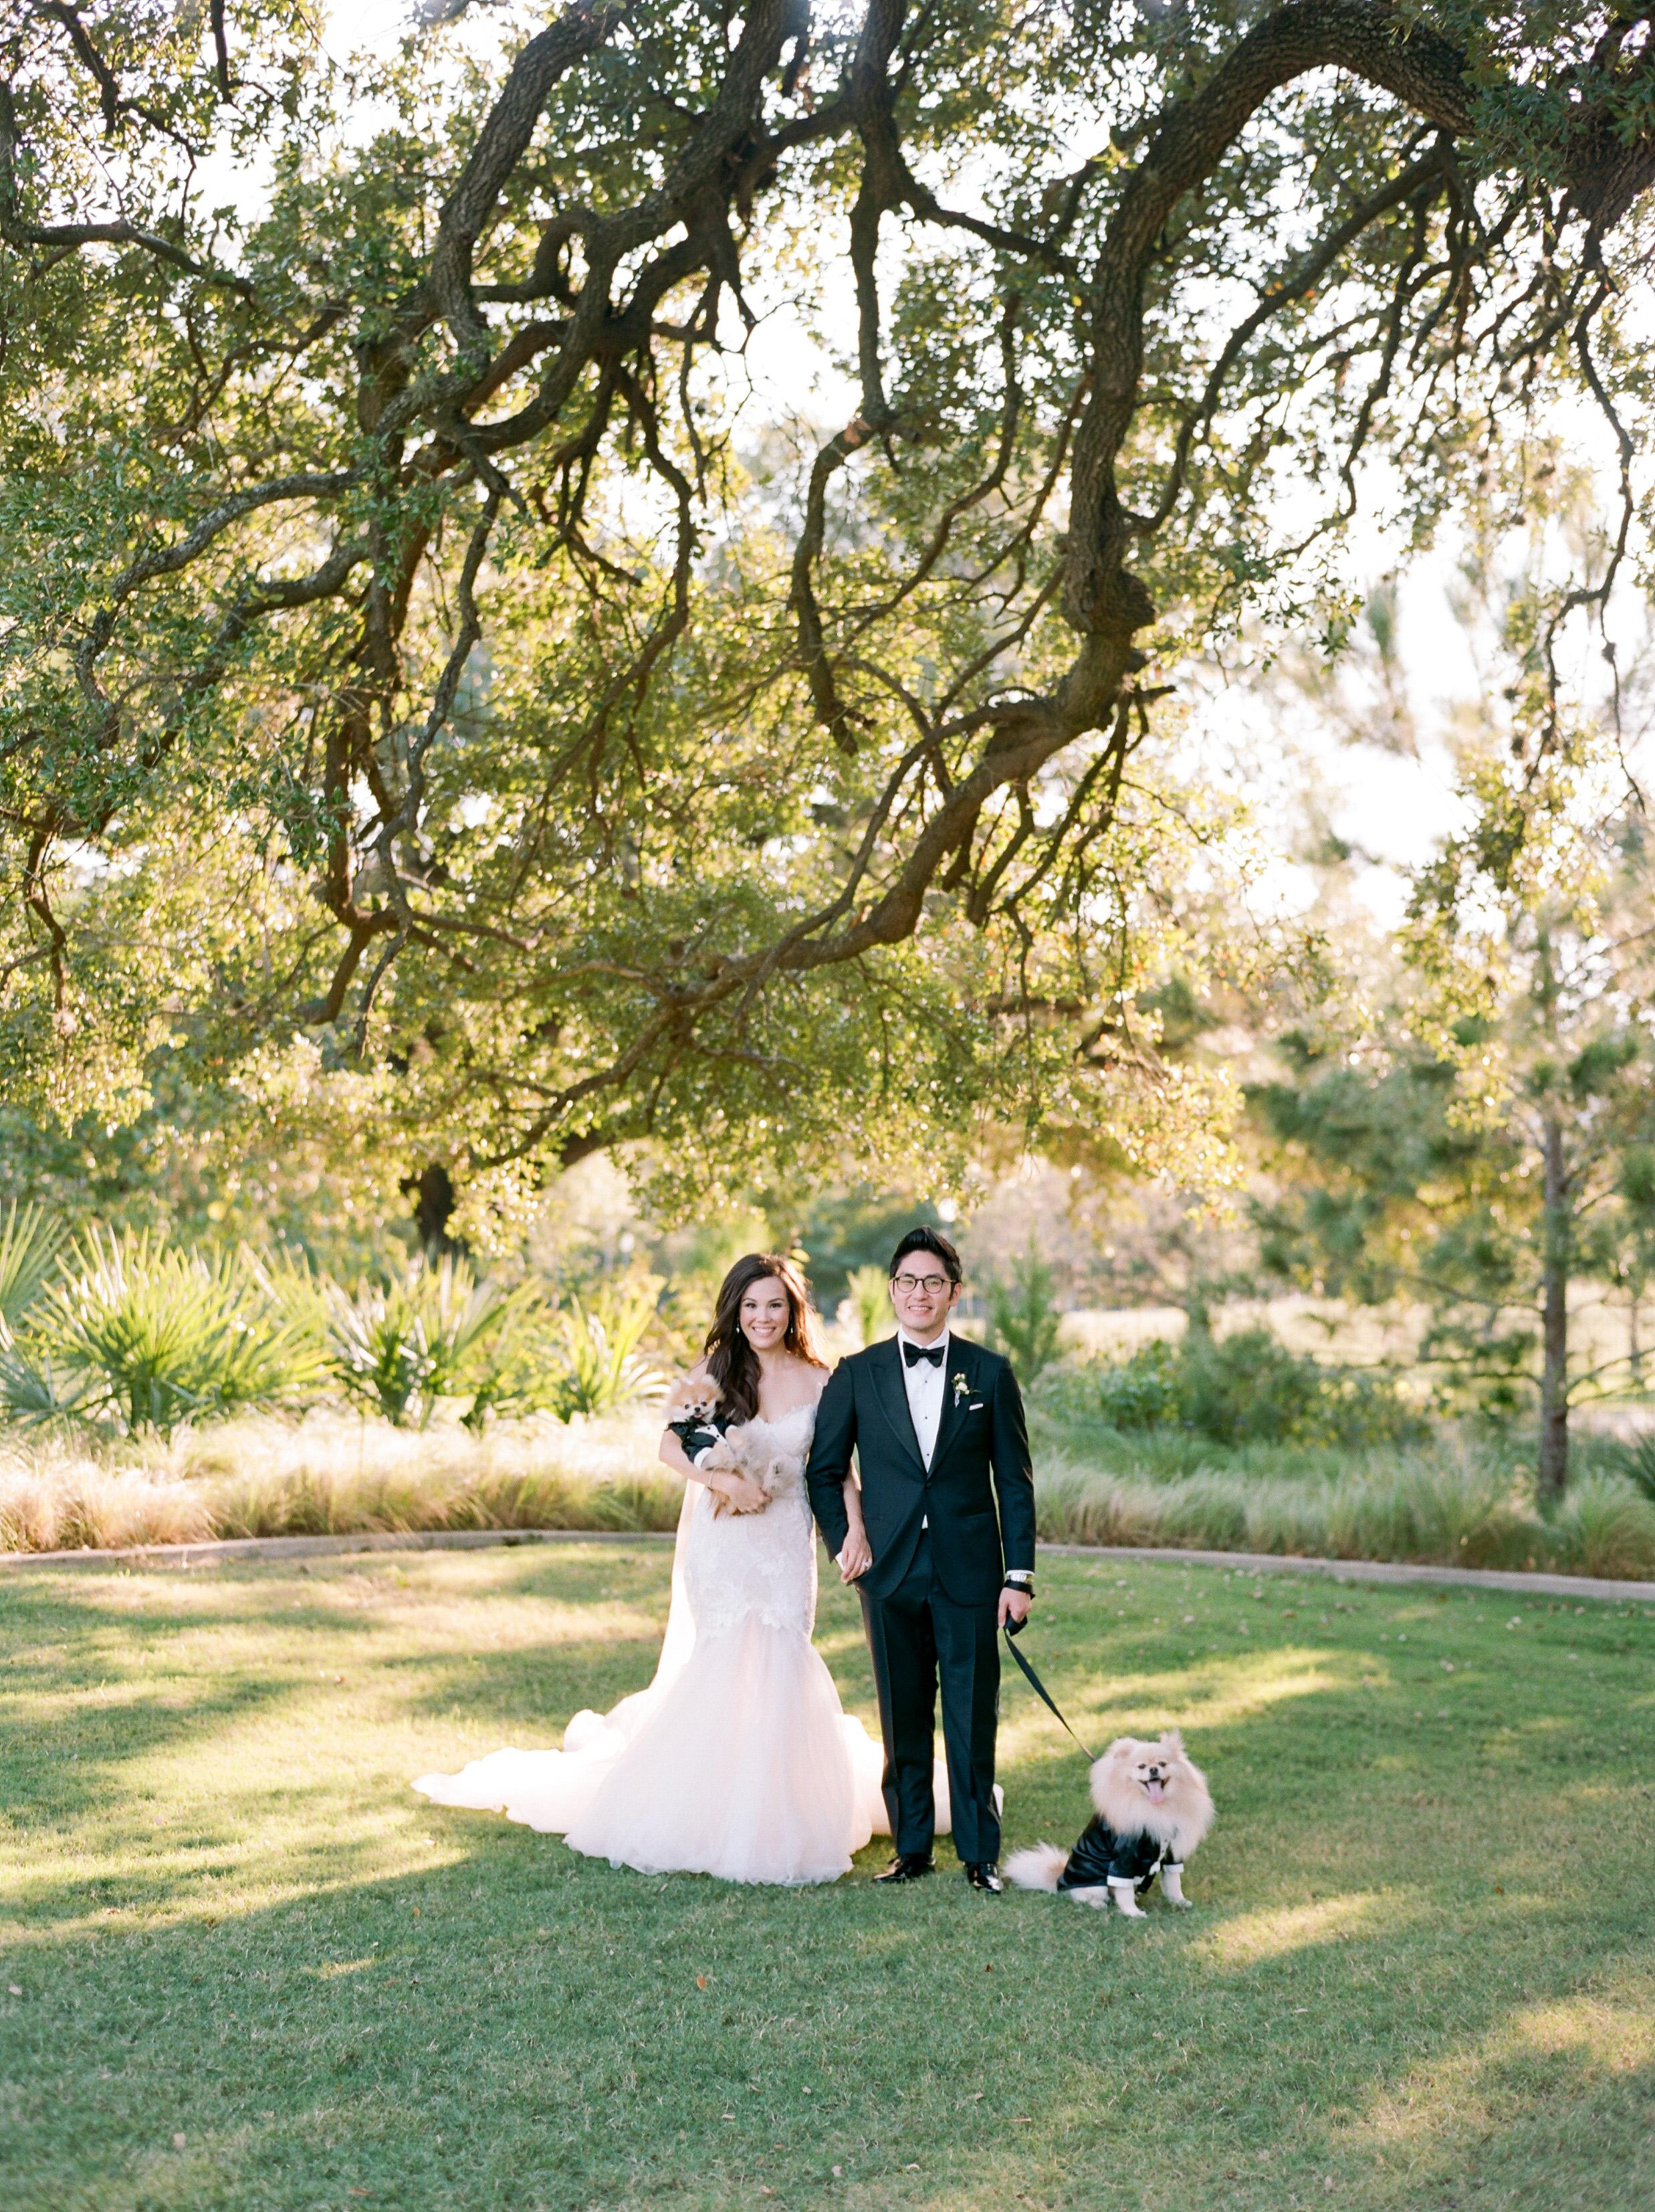 texas wedding dog tux couple under tree